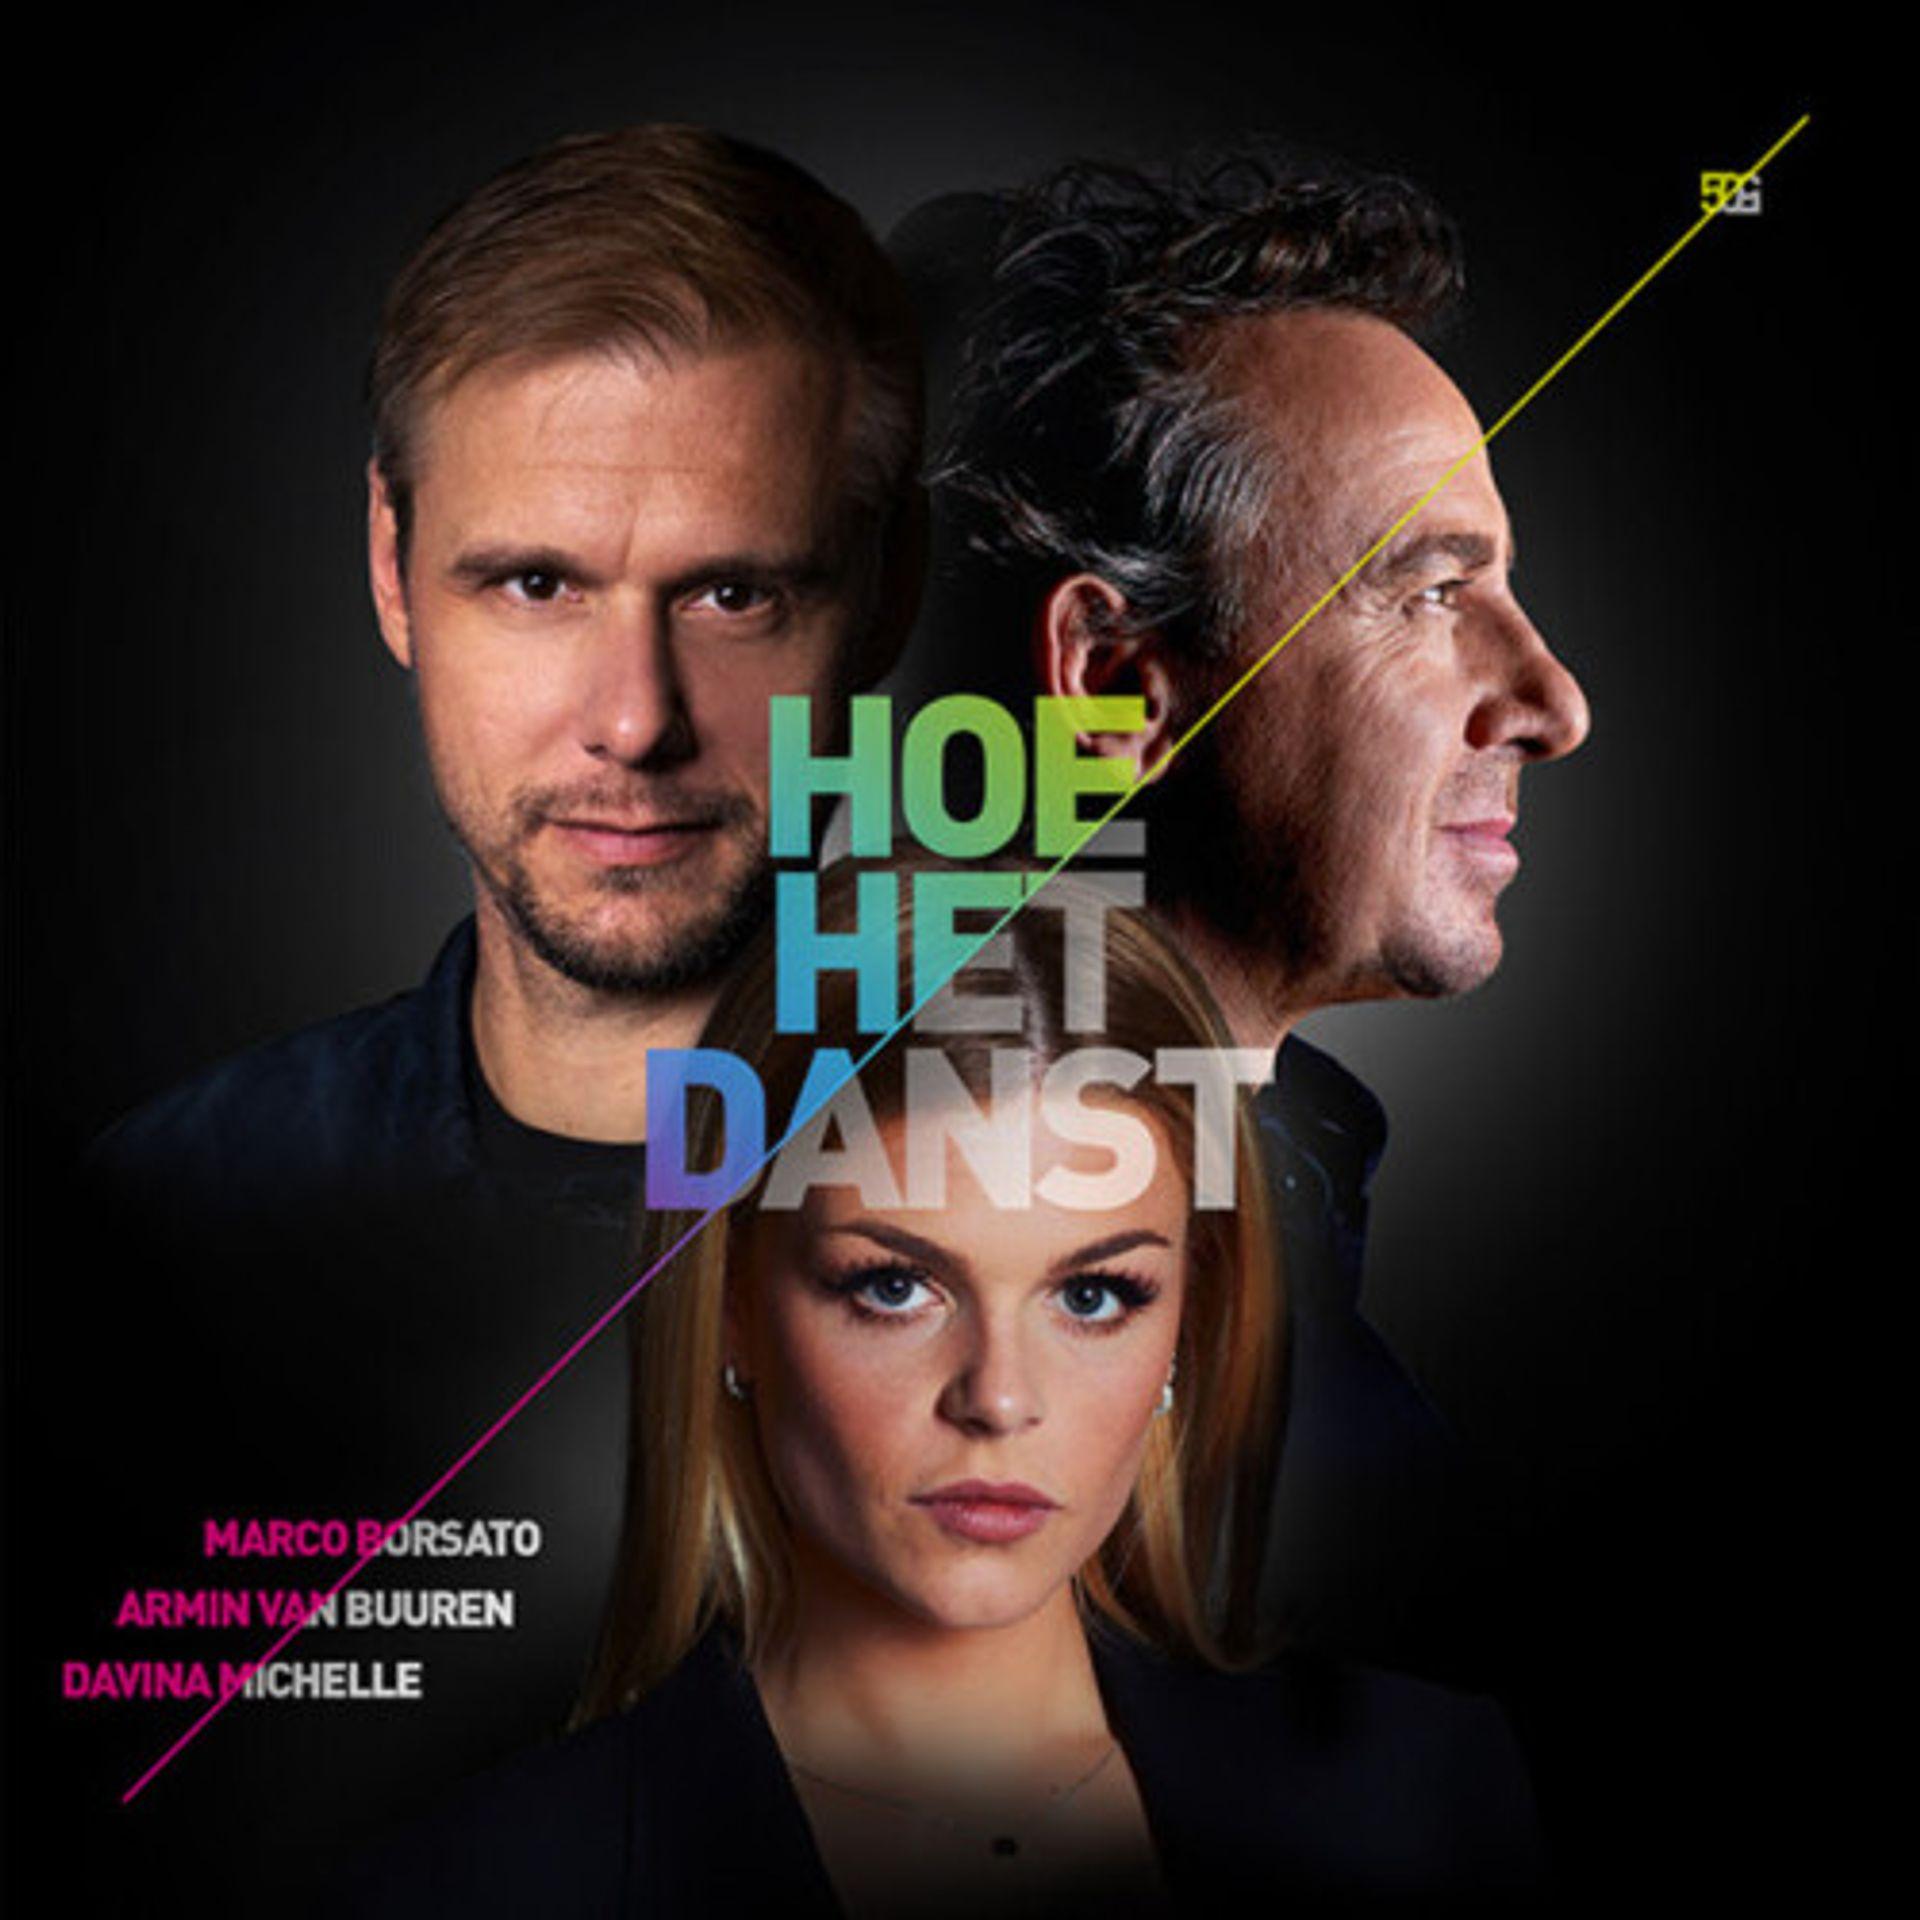 Olivier blijkt toch best wel positief over Marco, Armin en Davina!